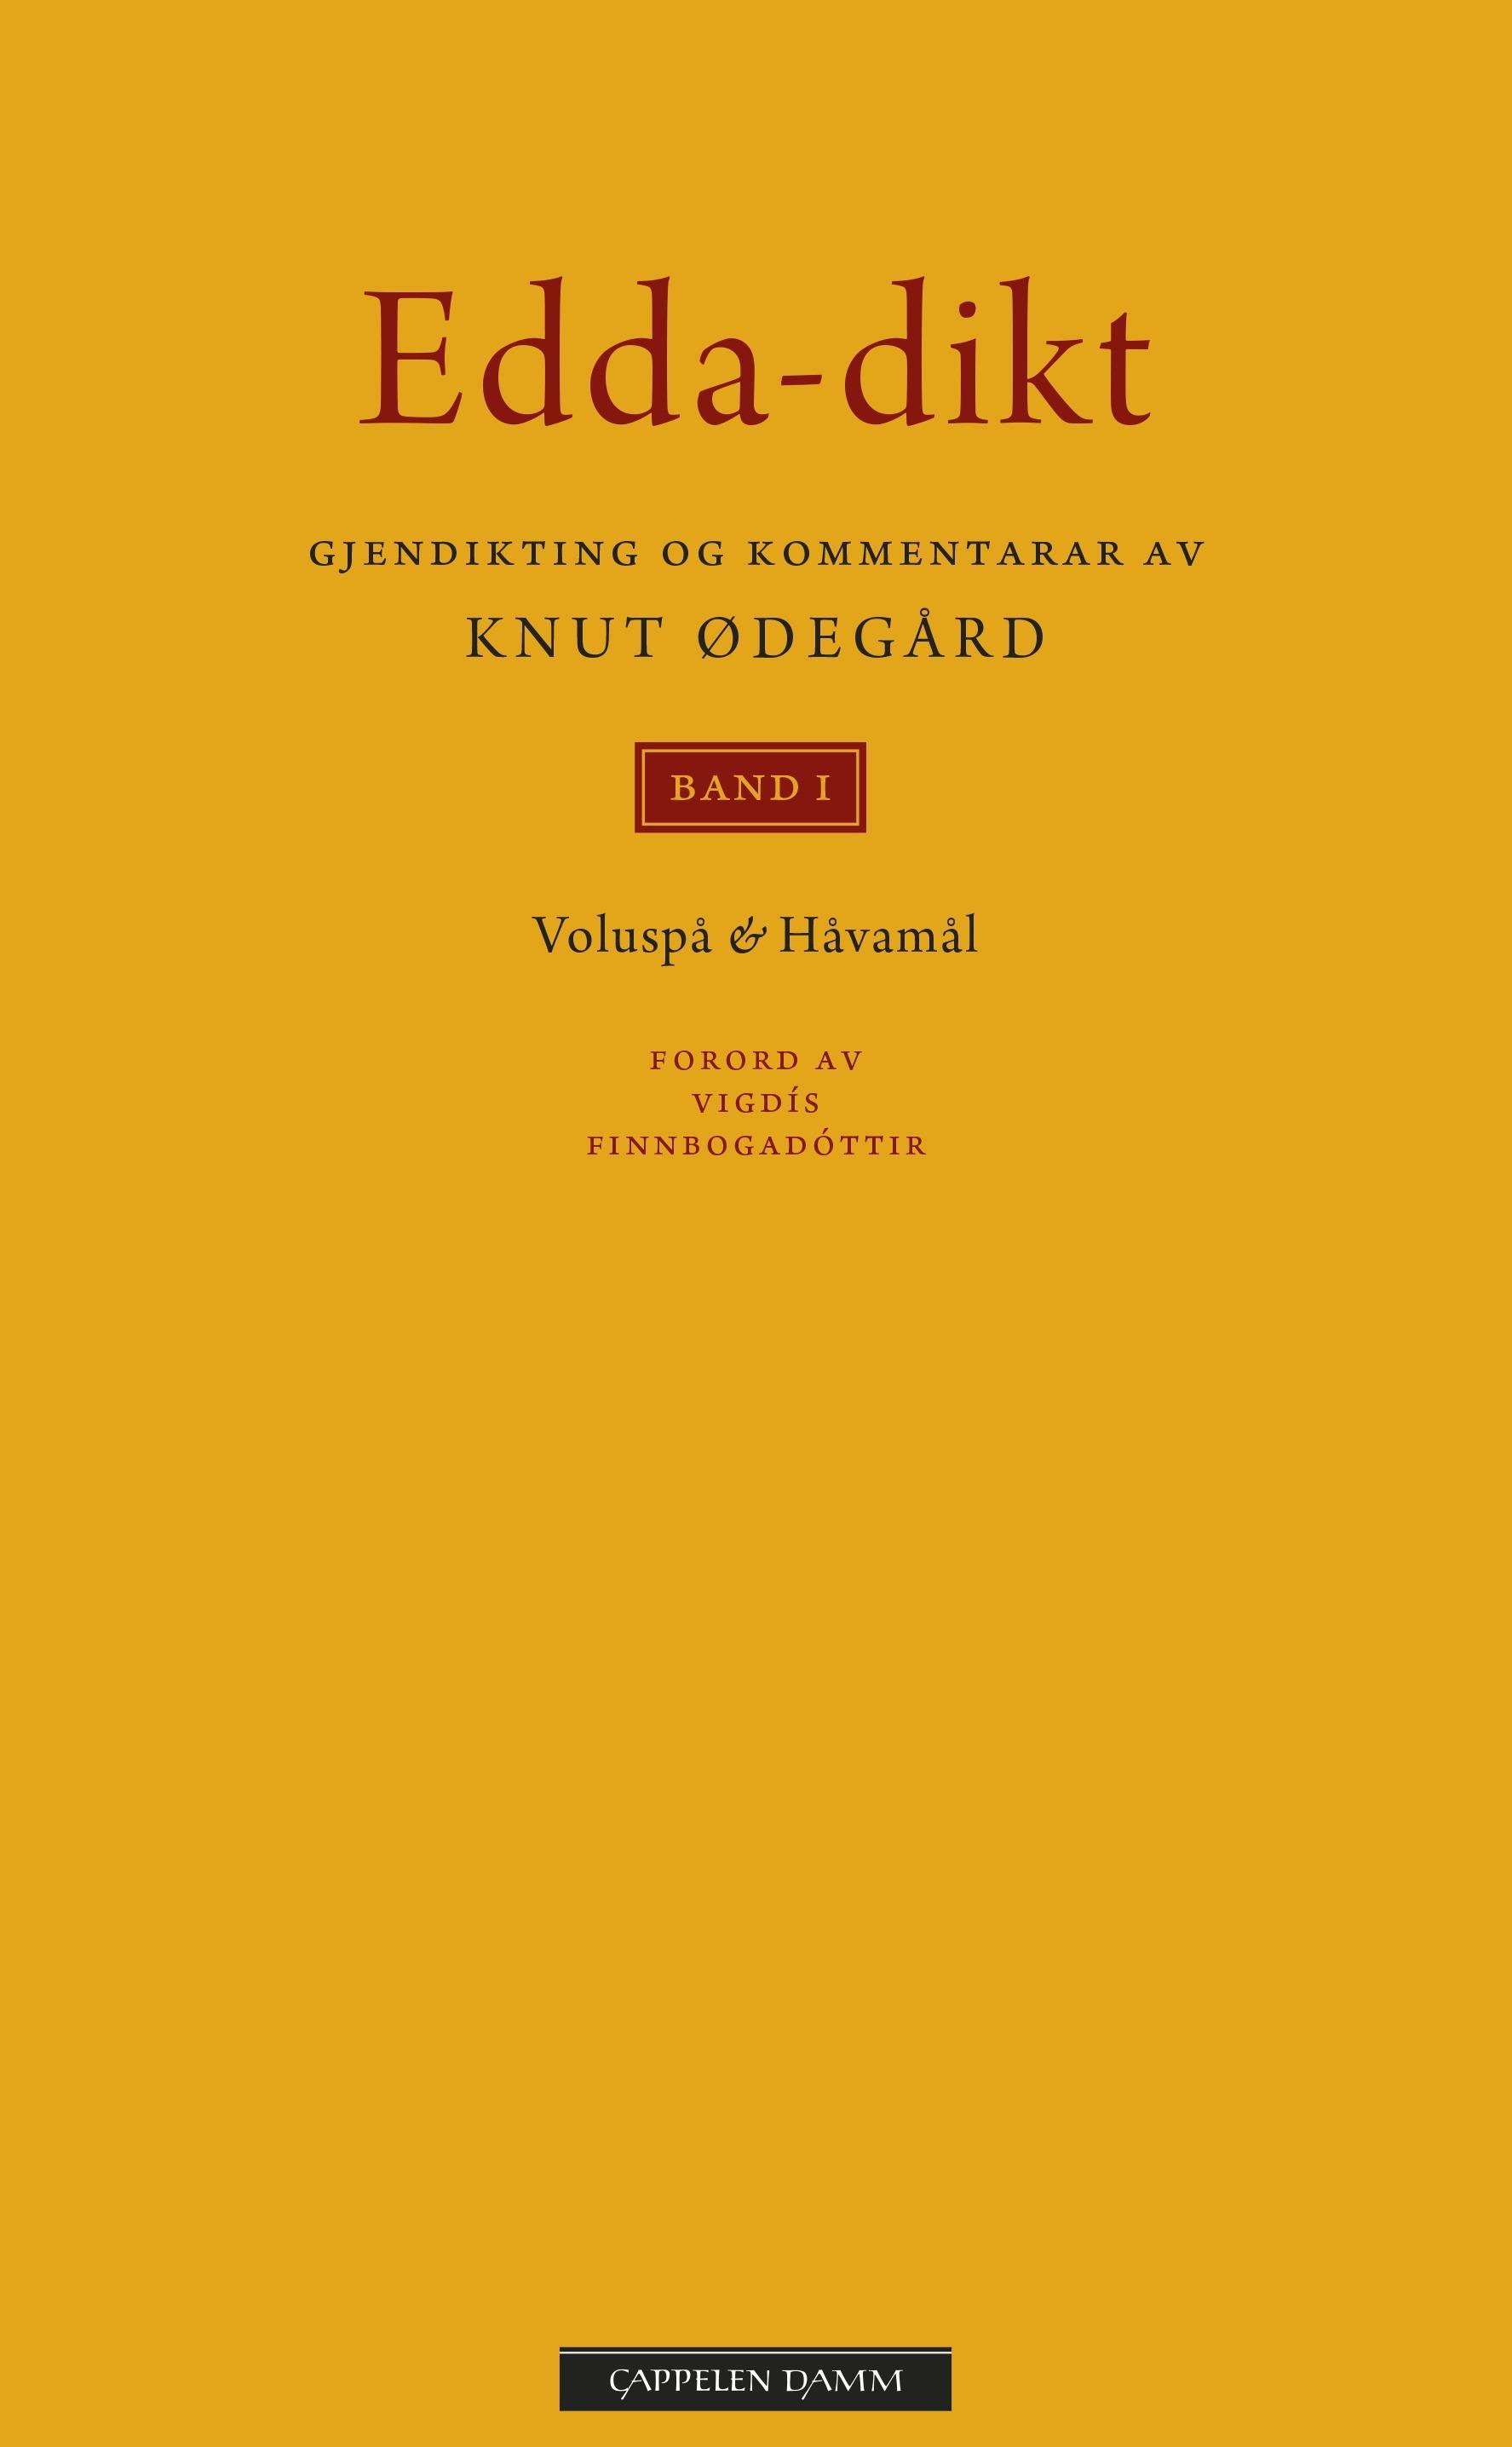 """""""Edda-dikt - band 1"""" av Knut Ødegård"""